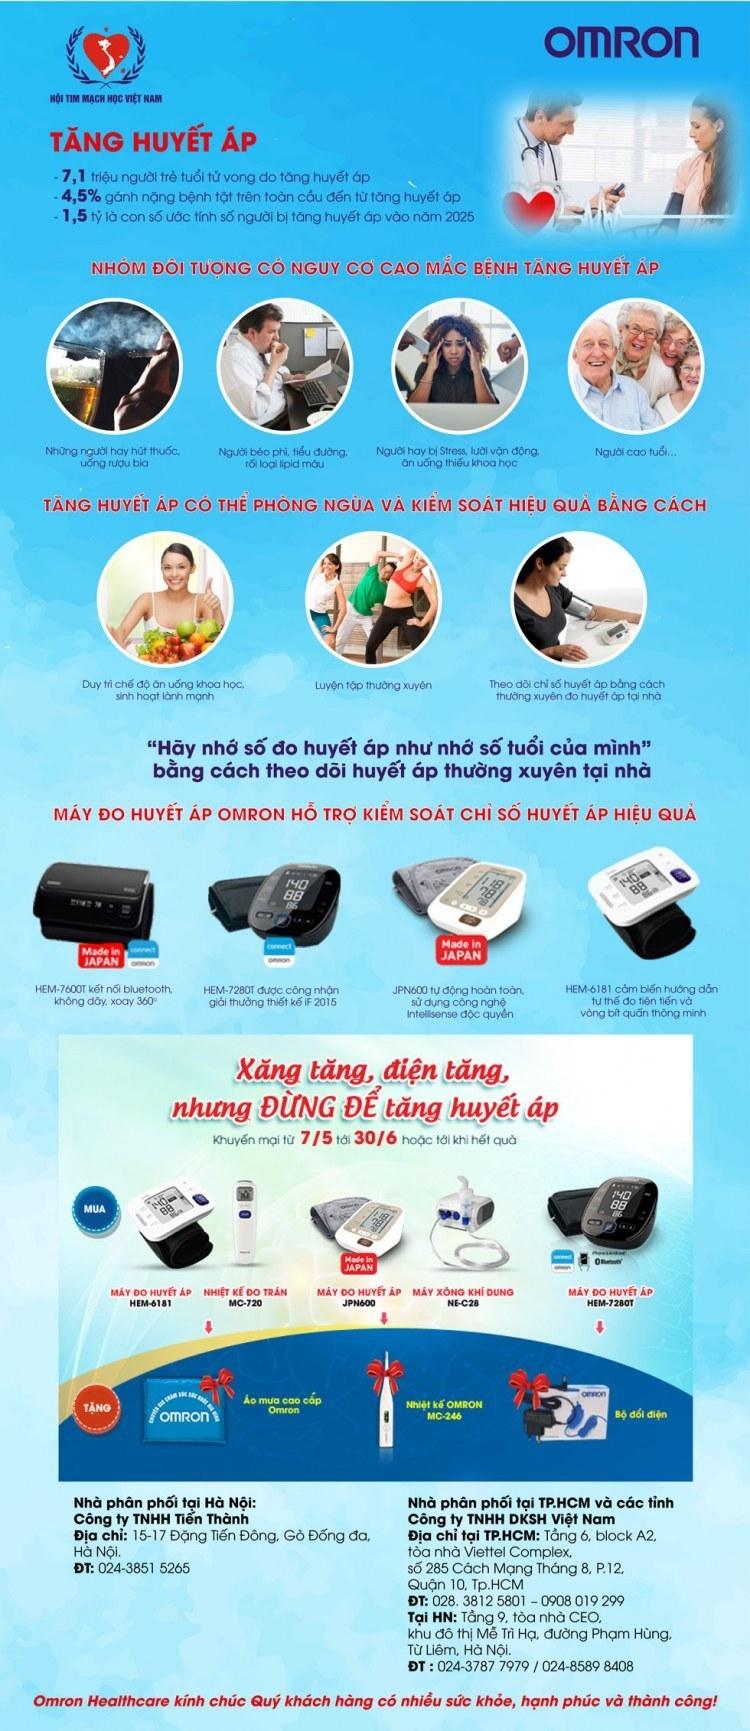 Xăng tăng, điện tăng nhưng ĐỪNG ĐỂ tăng huyết áp -  OMRON khuyến mại chào hè 2019 1